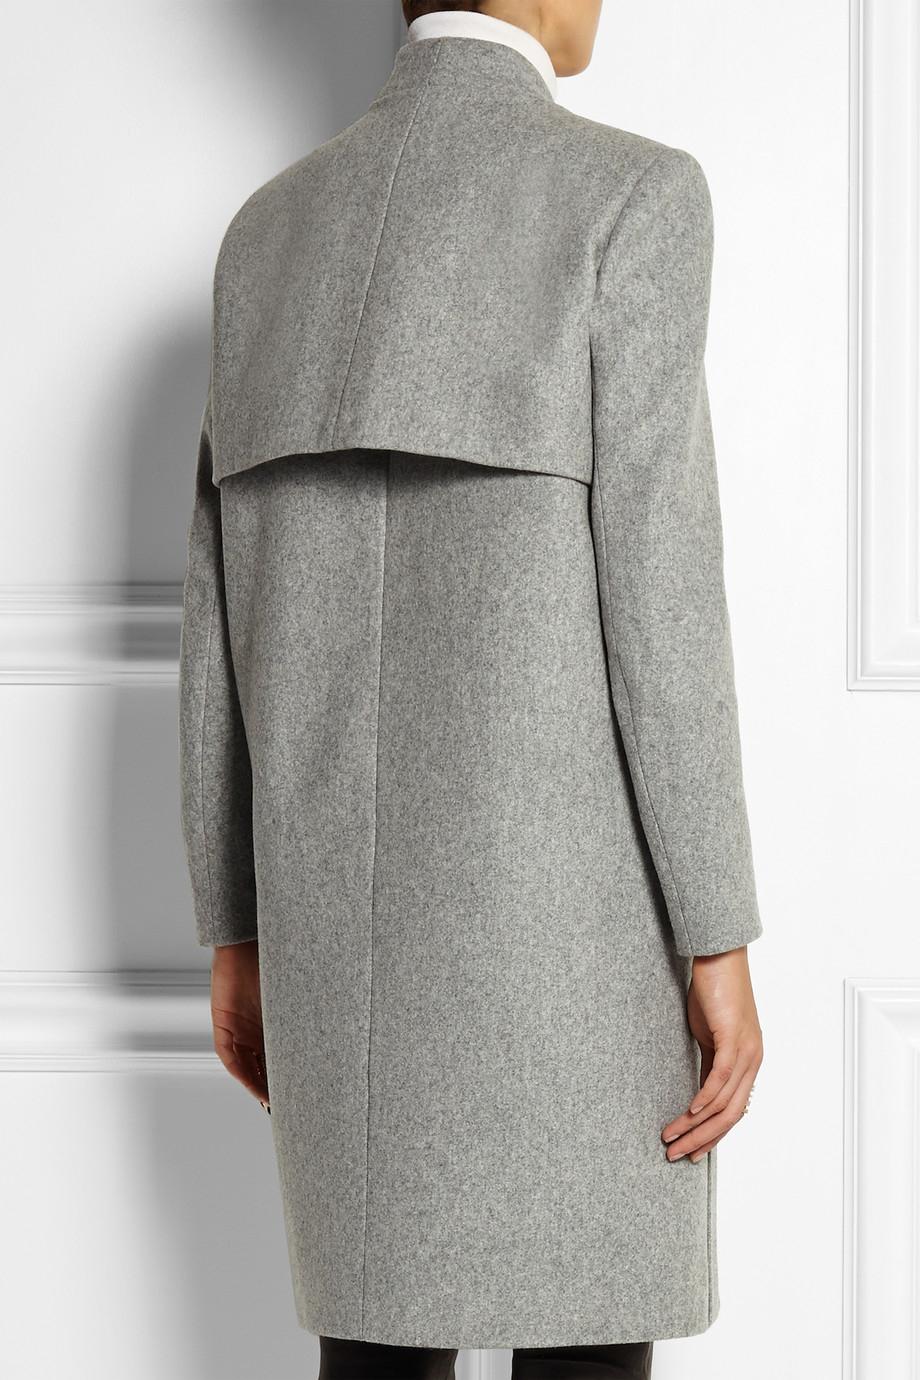 Maje Klinton Wool-Felt Coat in Gray   Lyst